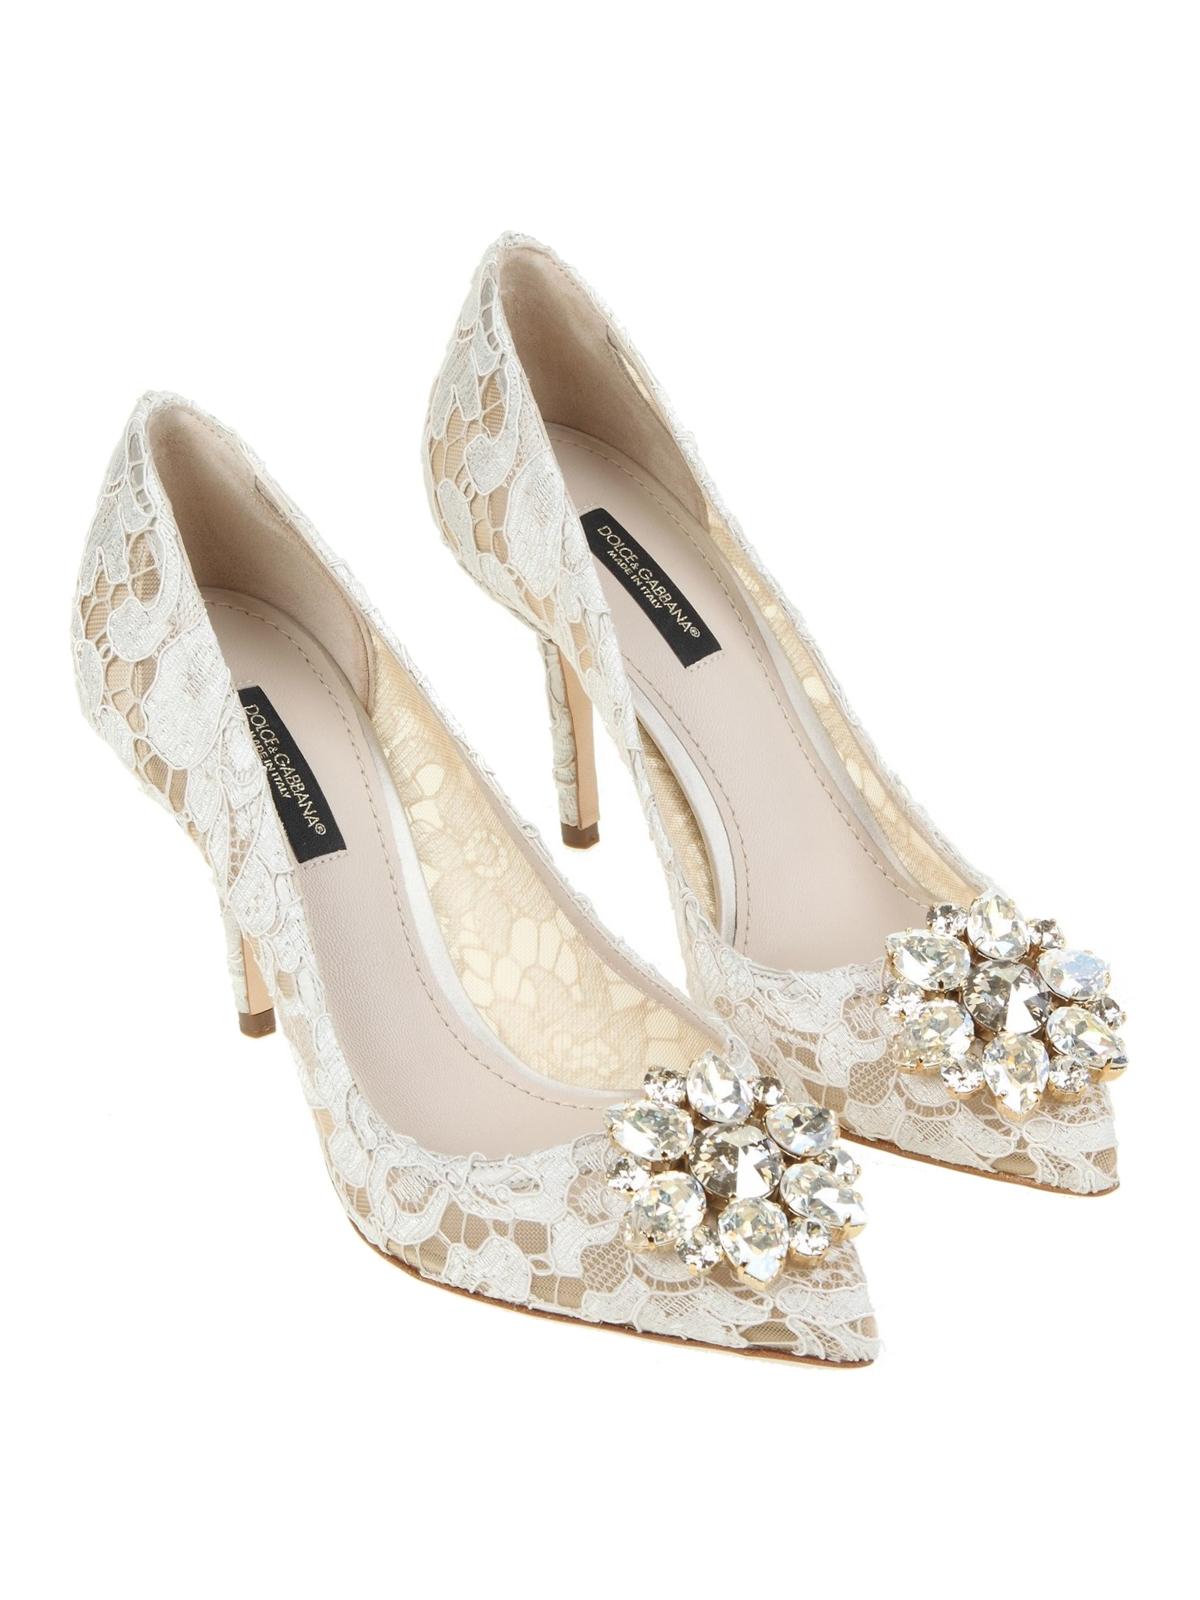 61c0092a30e DOLCE   GABBANA  court shoes online - Bellucci white lace pumps